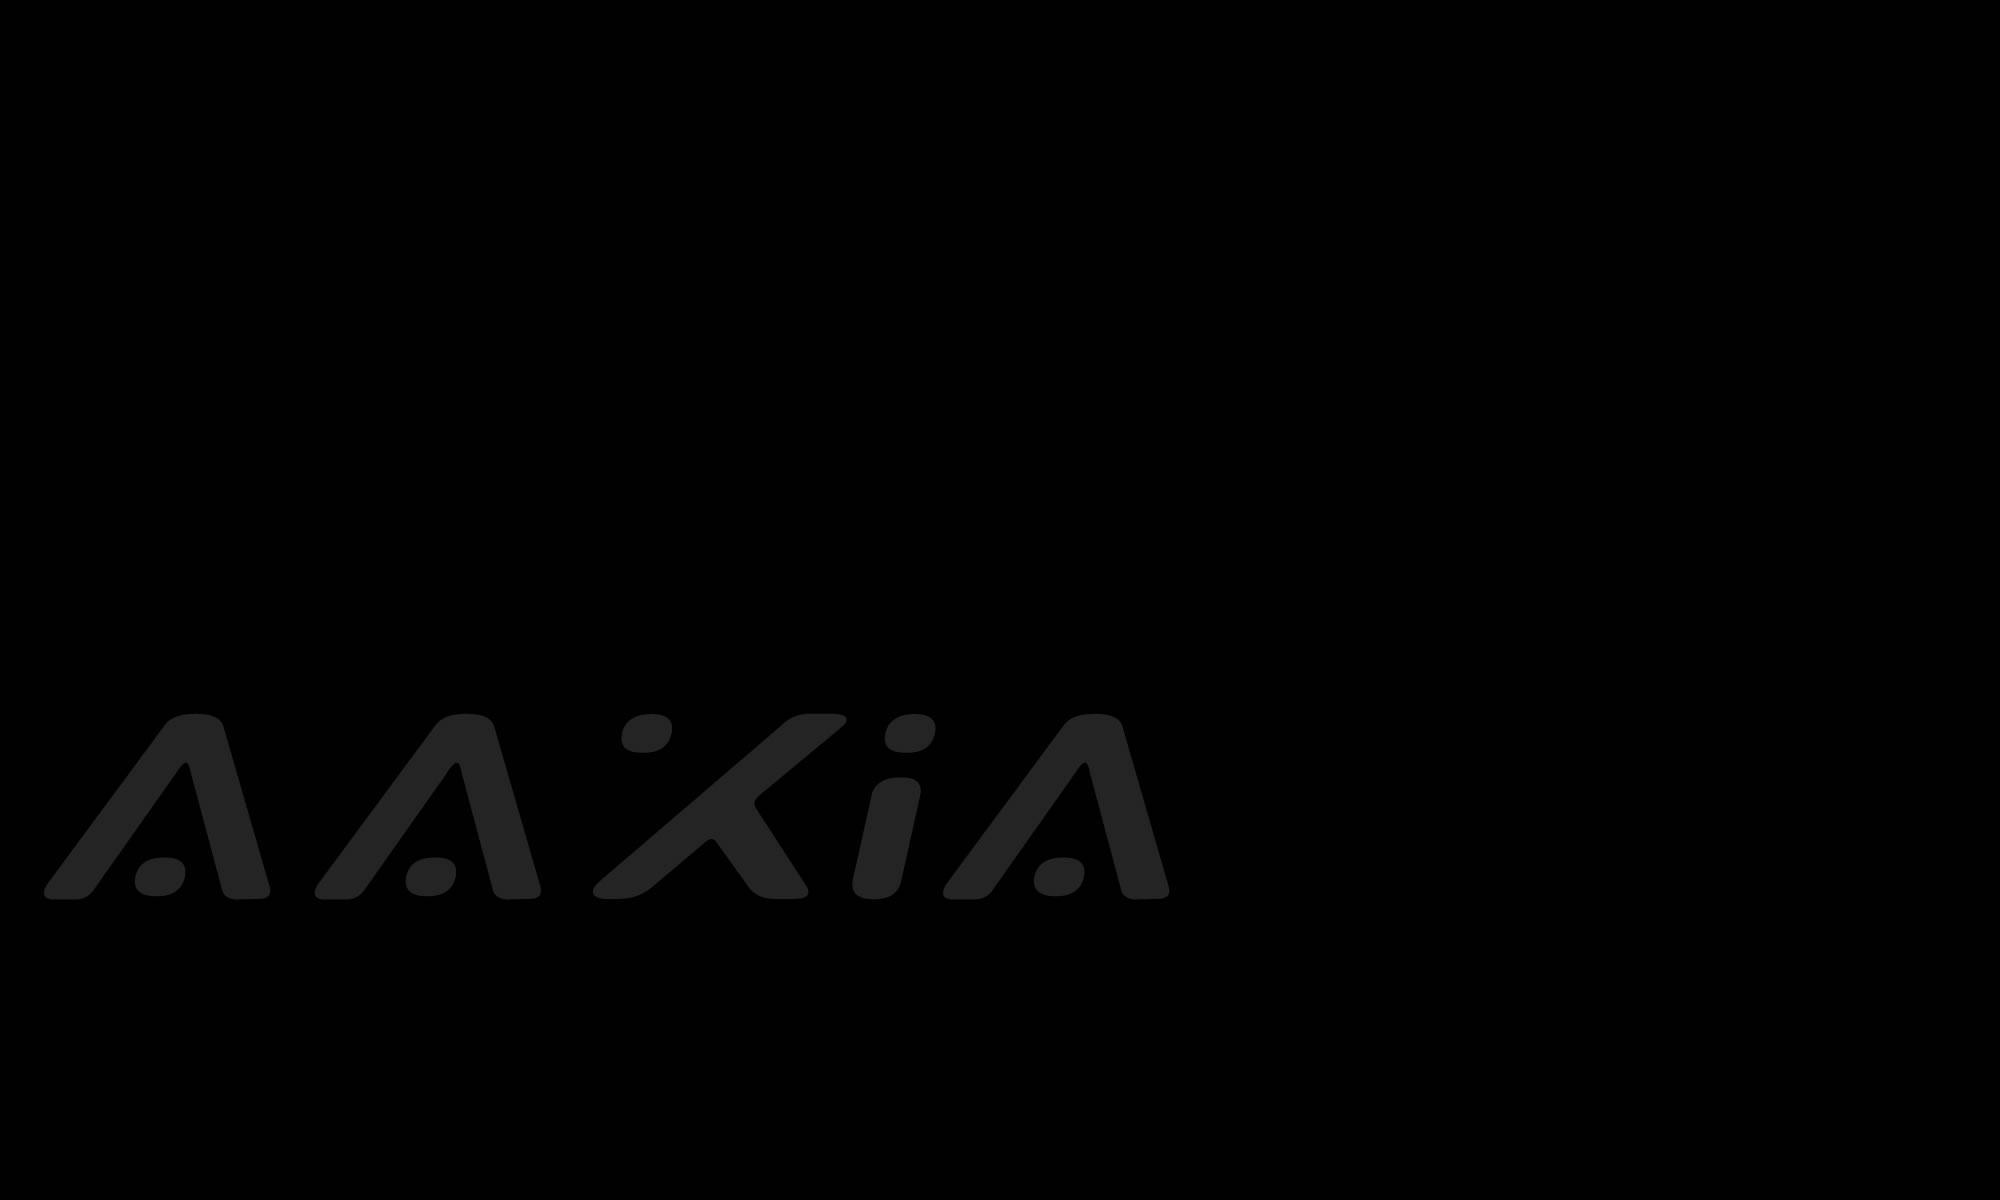 aaxia.io